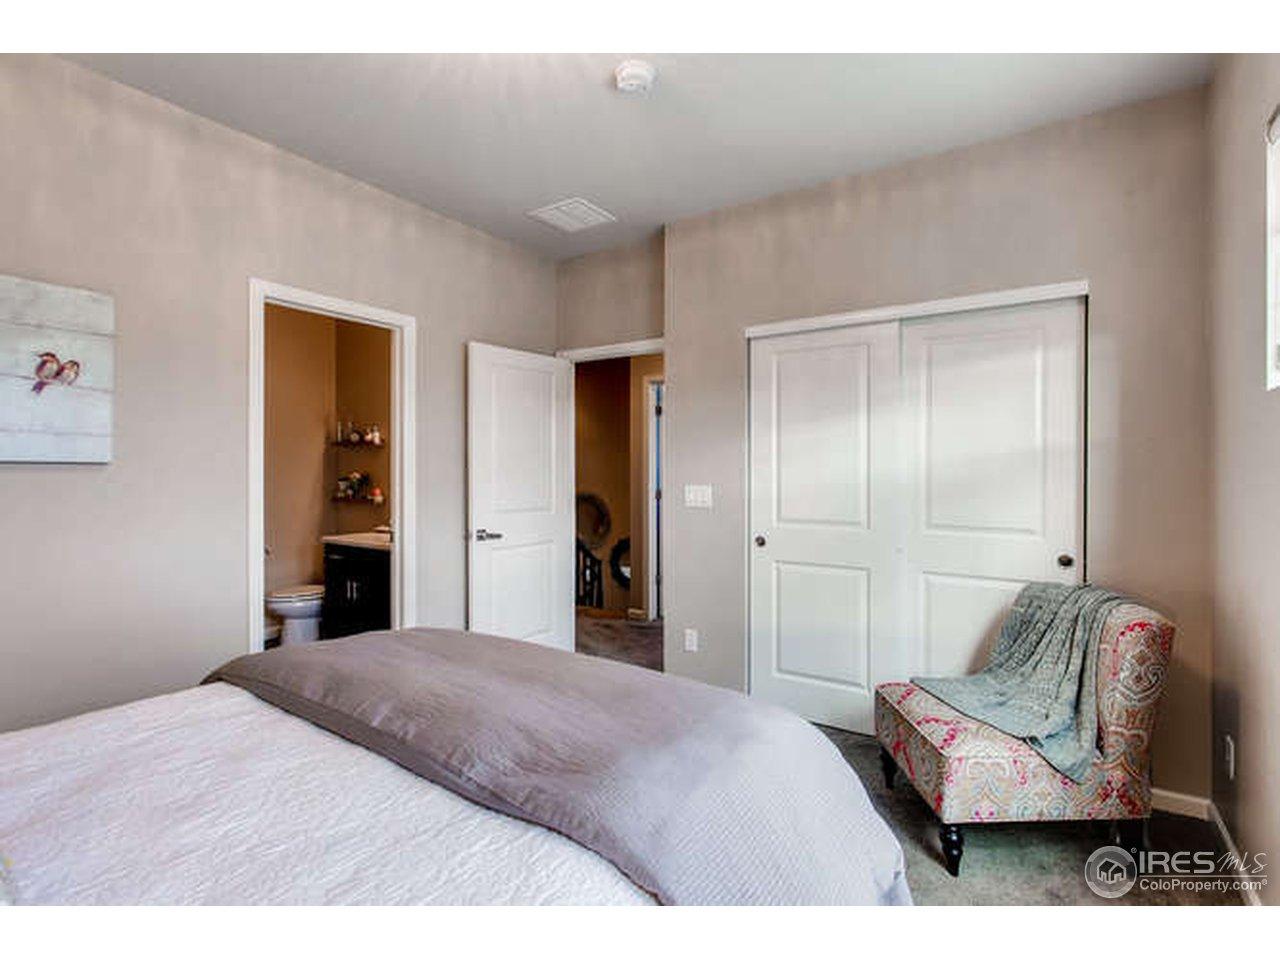 2nd bedroom w/ ensuite bathroom